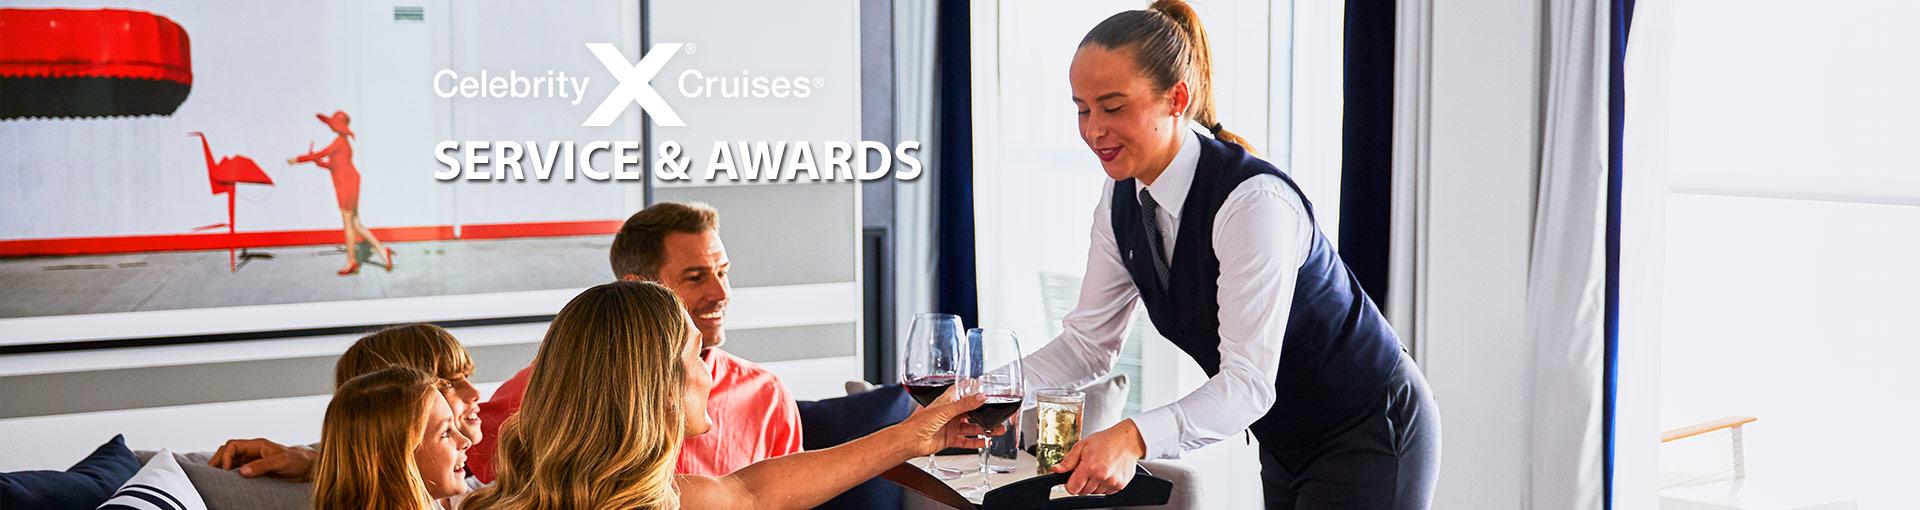 Celebrity Cruises Service & Awards